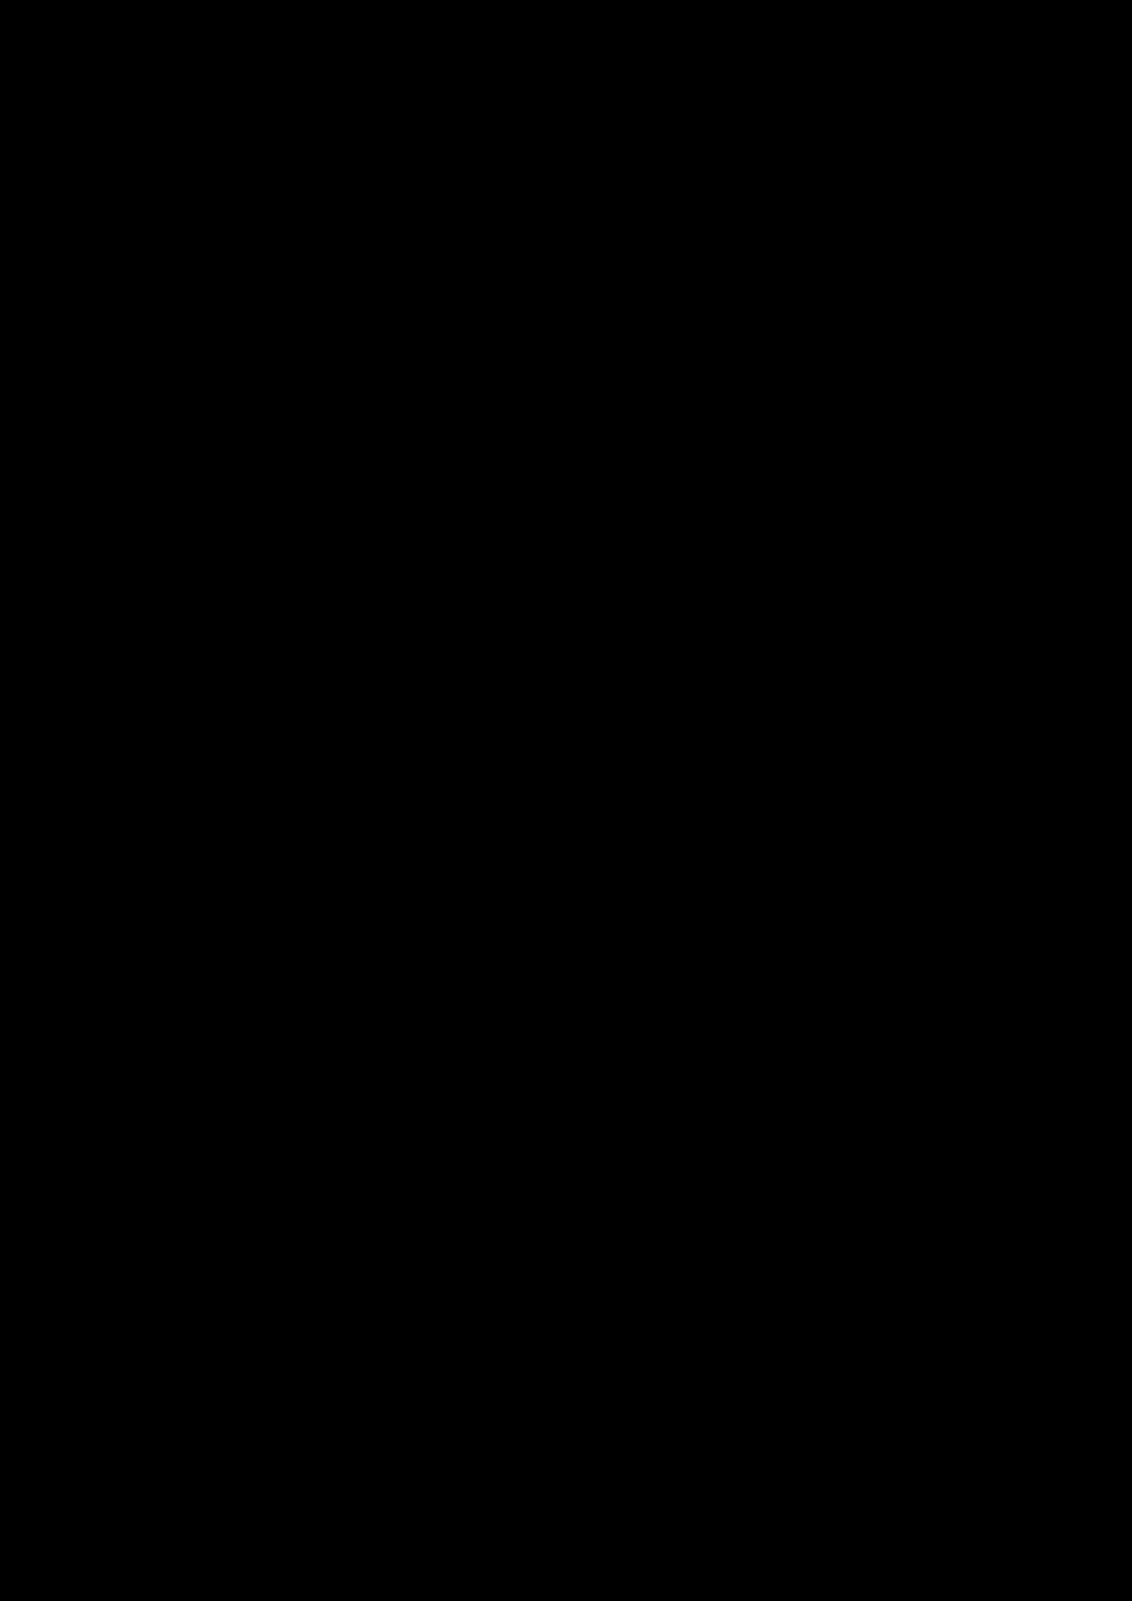 Proschanie s volshebnoy stranoy slide, Image 25